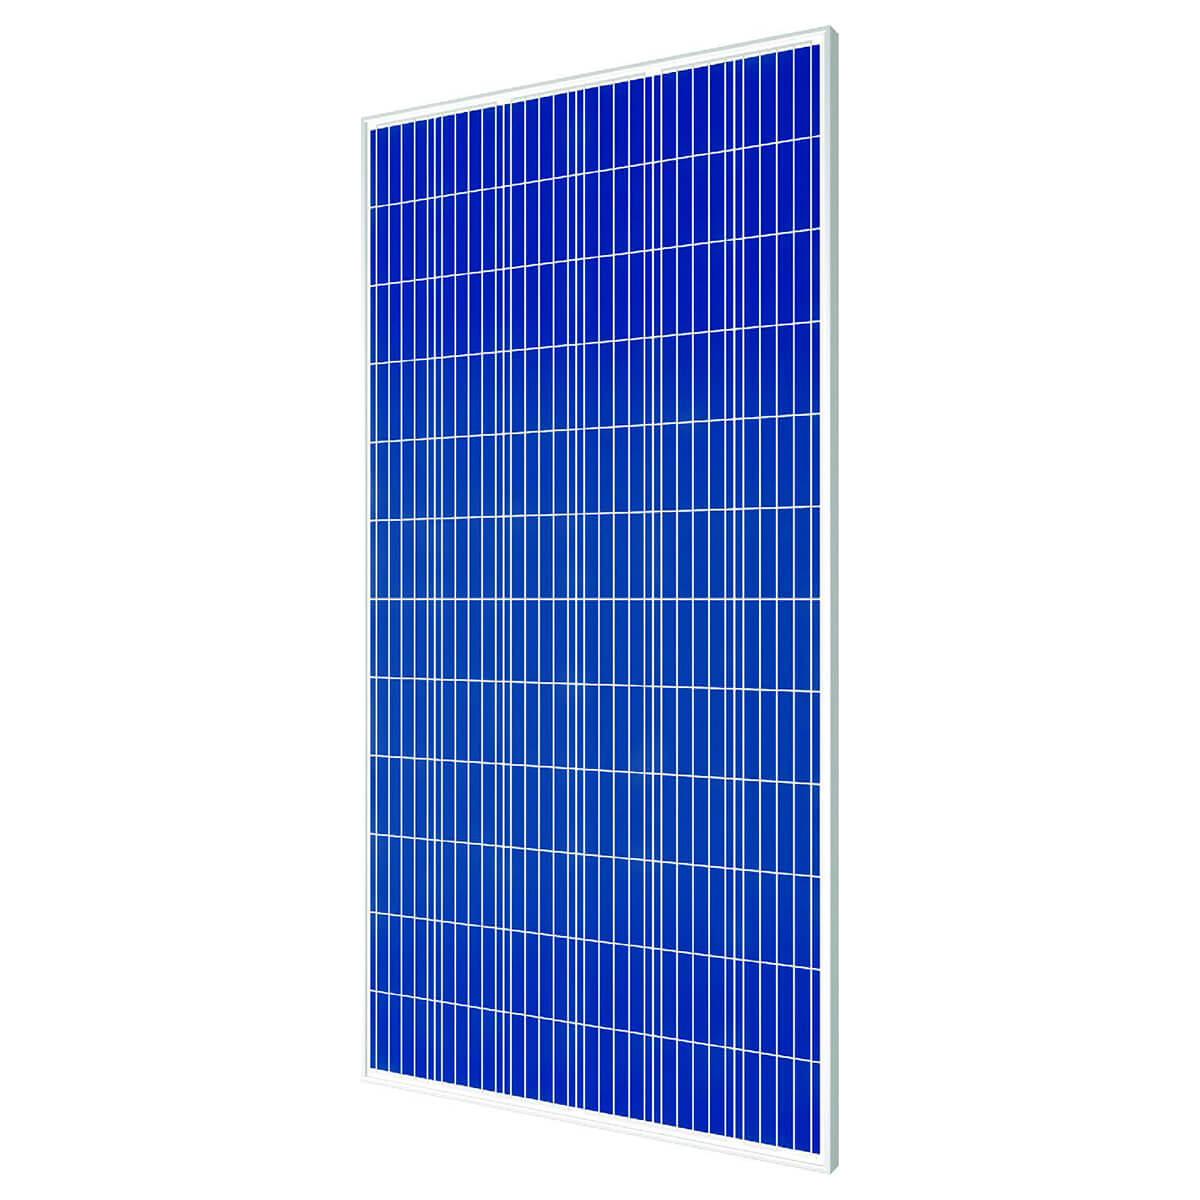 cw enerji 330W panel, cw enerji 330Watt panel, cw enerji 330 W panel, cw enerji 330 Watt panel, cw enerji 330 Watt polikristal panel, cw enerji 330 W watt gunes paneli, cw enerji 330 W watt polikristal gunes paneli, cw enerji 330 W Watt fotovoltaik polikristal solar panel, cw enerji 330W polikristal gunes enerjisi, cw enerji CWT330-72P-330 panel, CW Enerji 330WATT